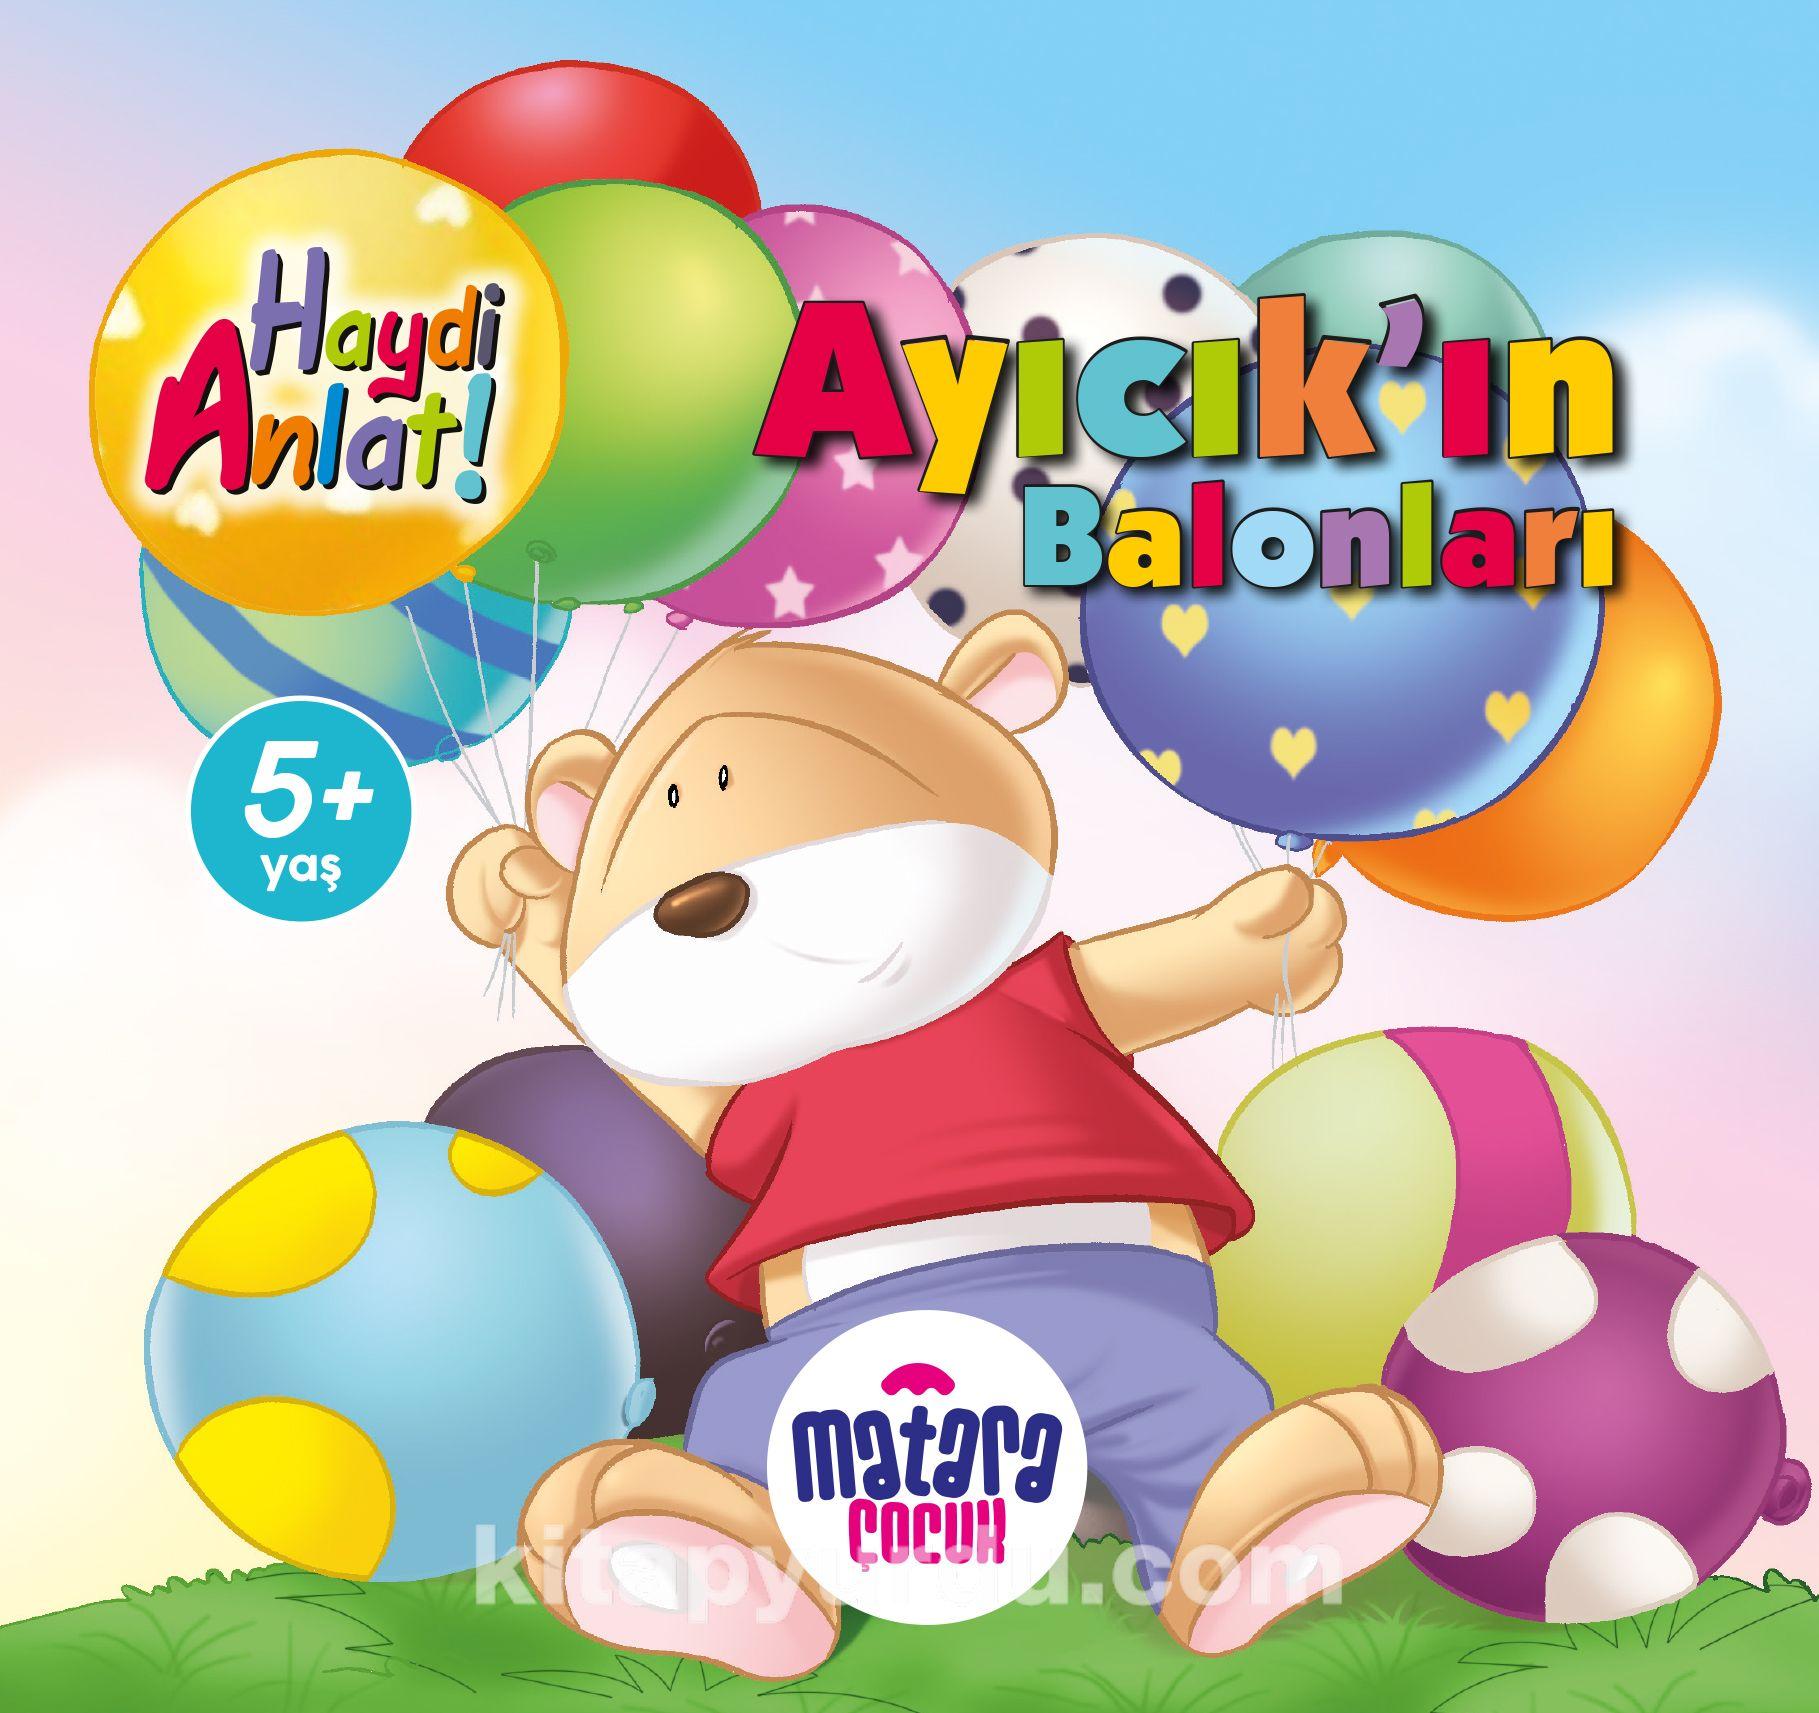 Ayıcık'ın Balonları (Haydi Anlat!) PDF Kitap İndir